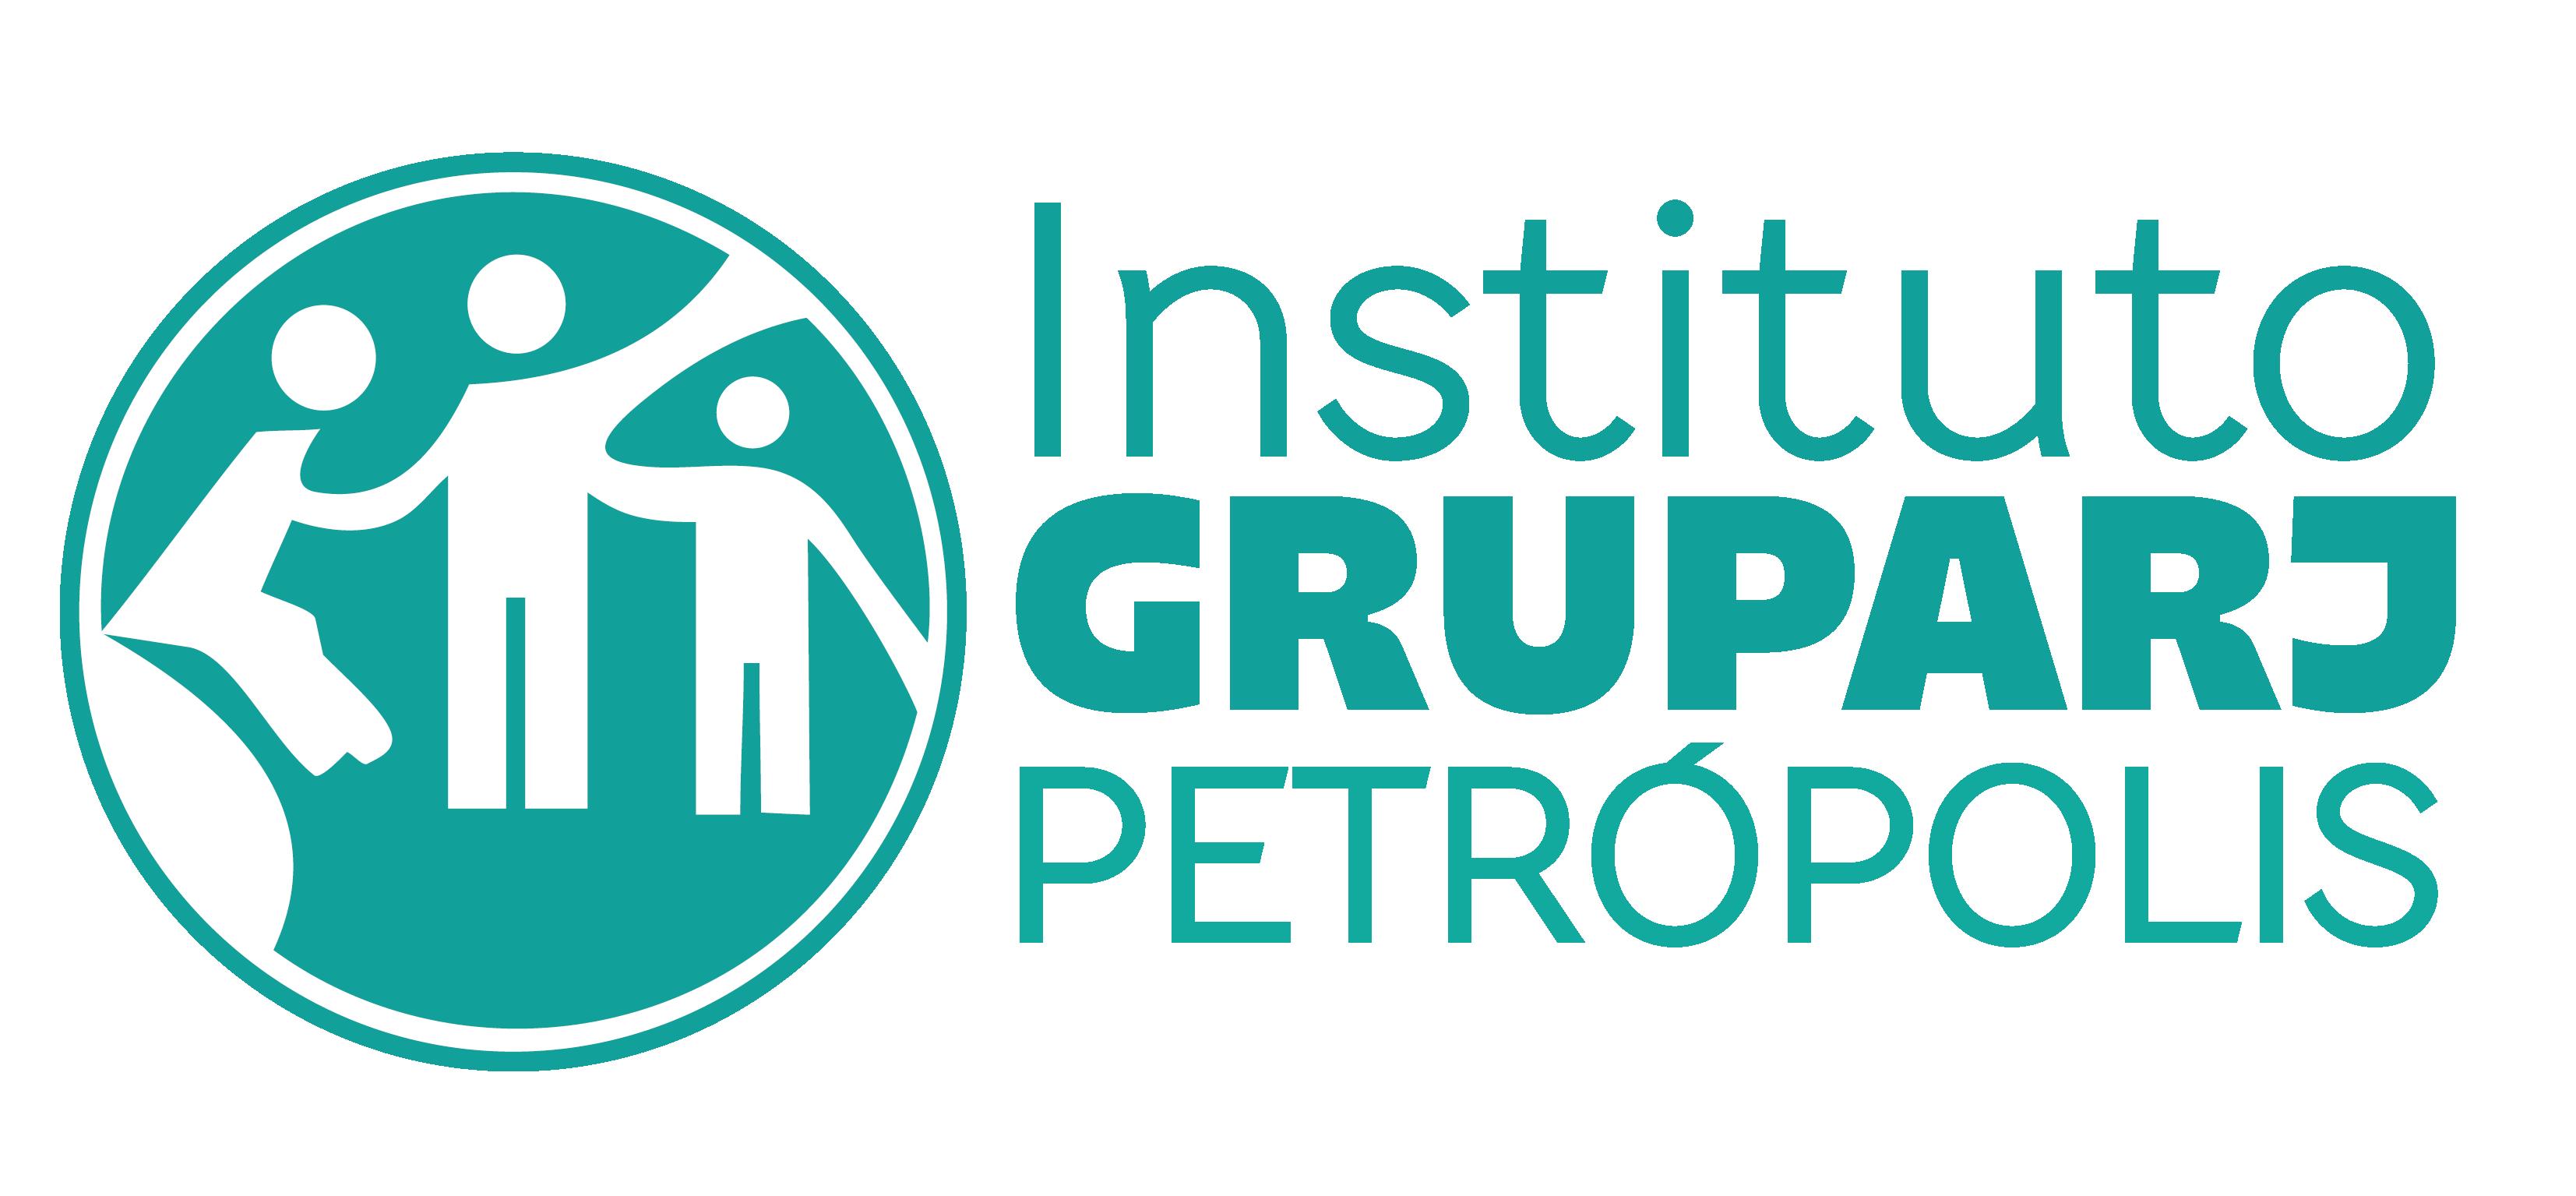 Gruparj Petrópolis